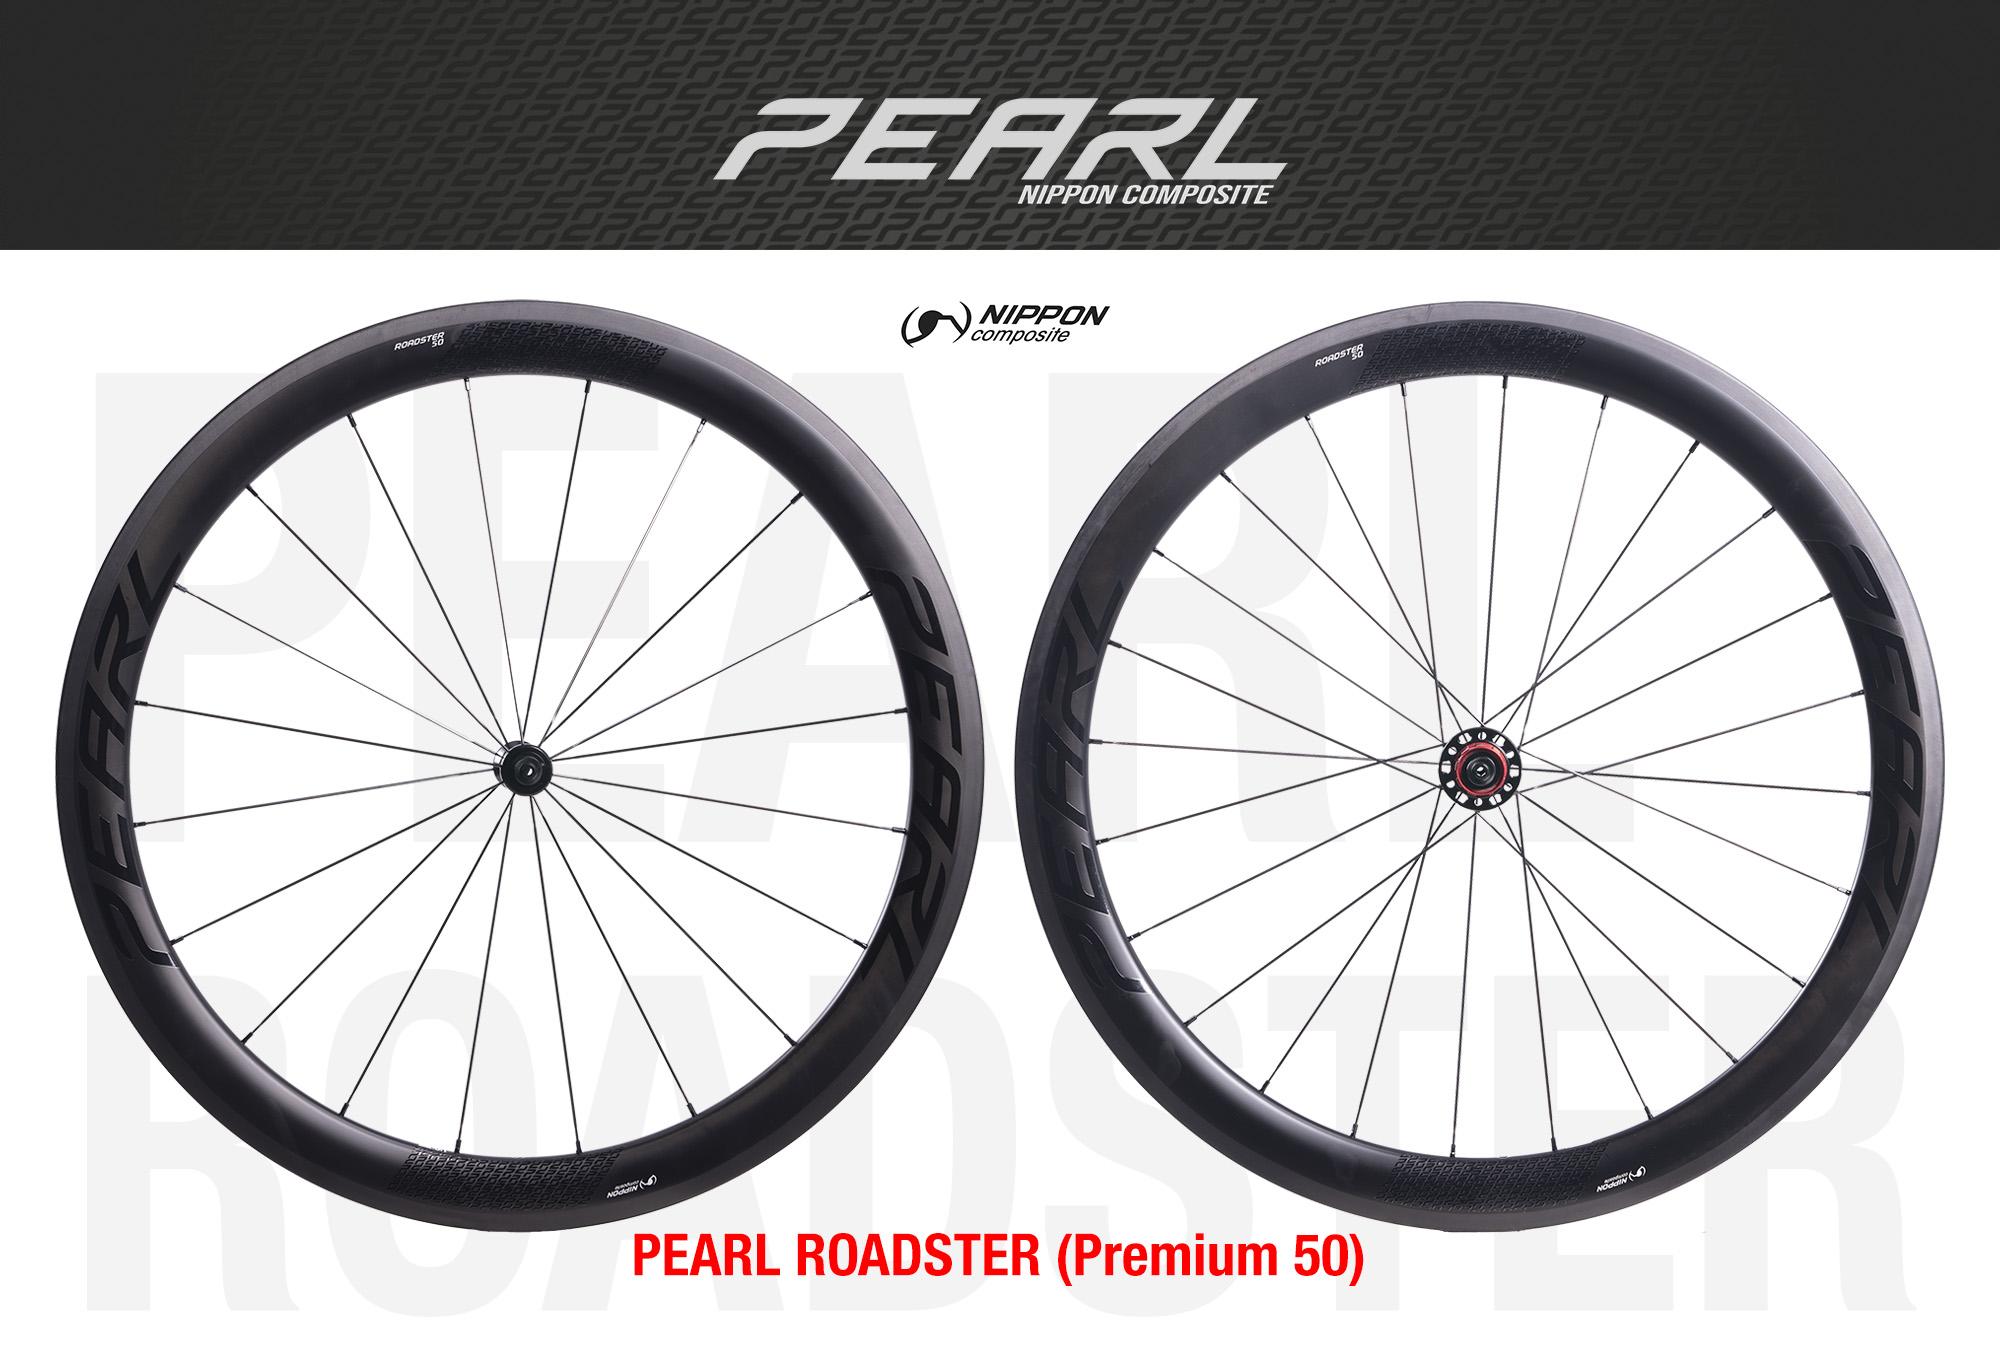 PEARL | ROADSTER (Premium50) Carbon 50mm. 700c